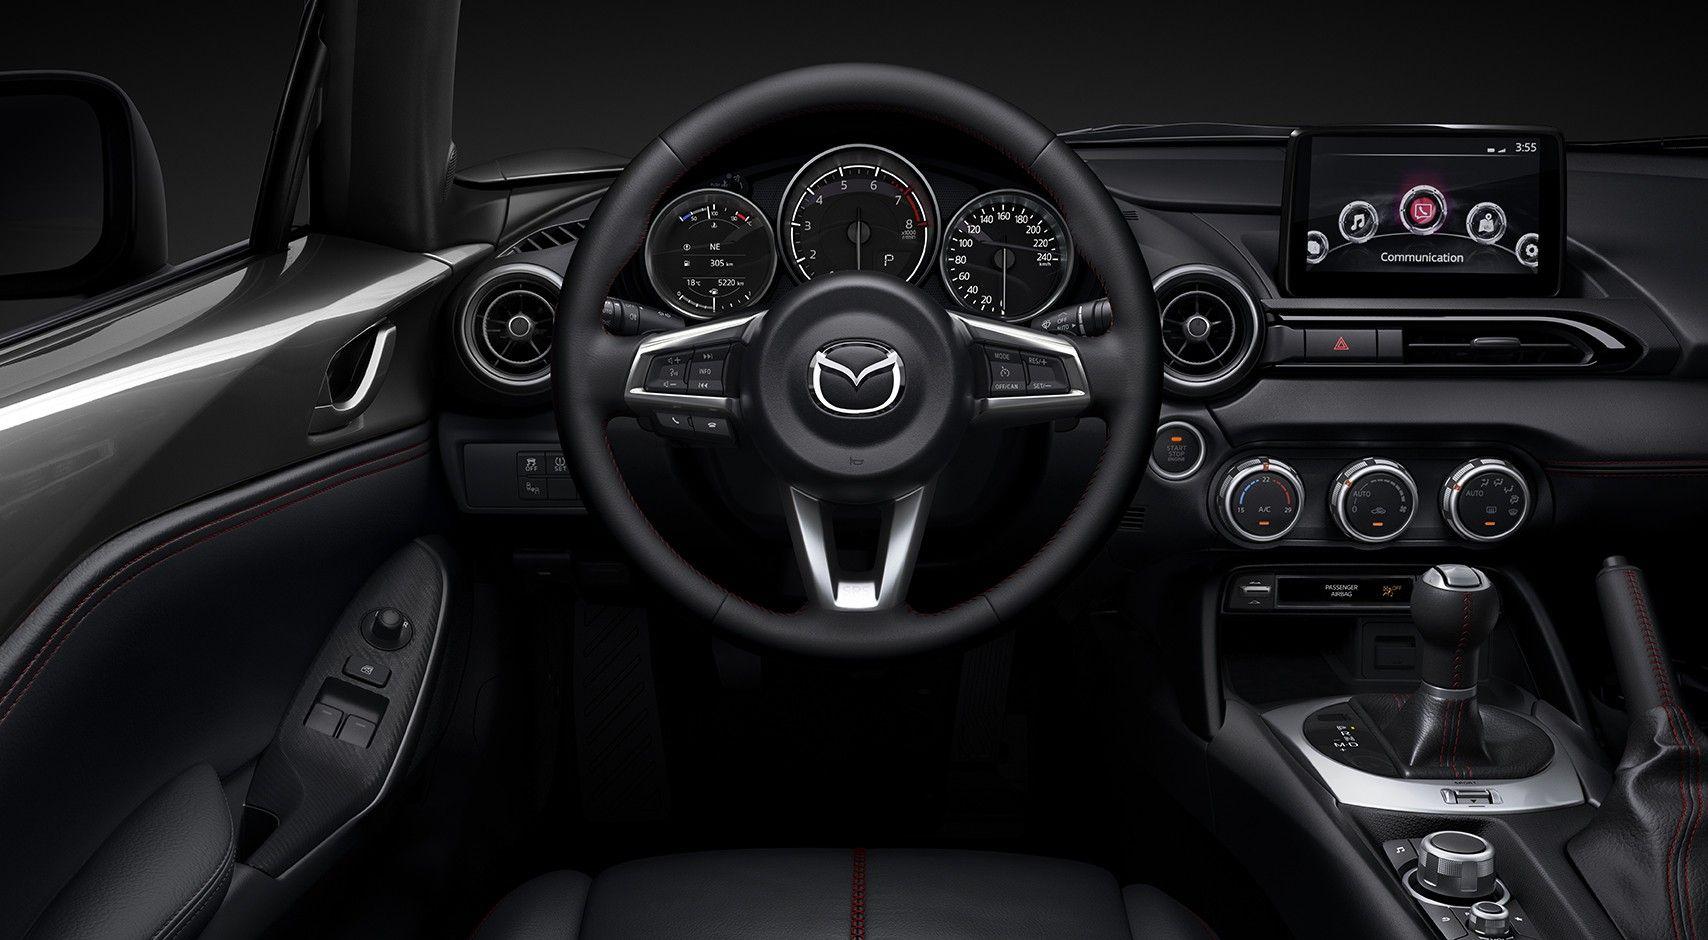 Mazda Mx 5 Rf Interior Mazda Mx5 Mazda Mx5 Miata Mazda